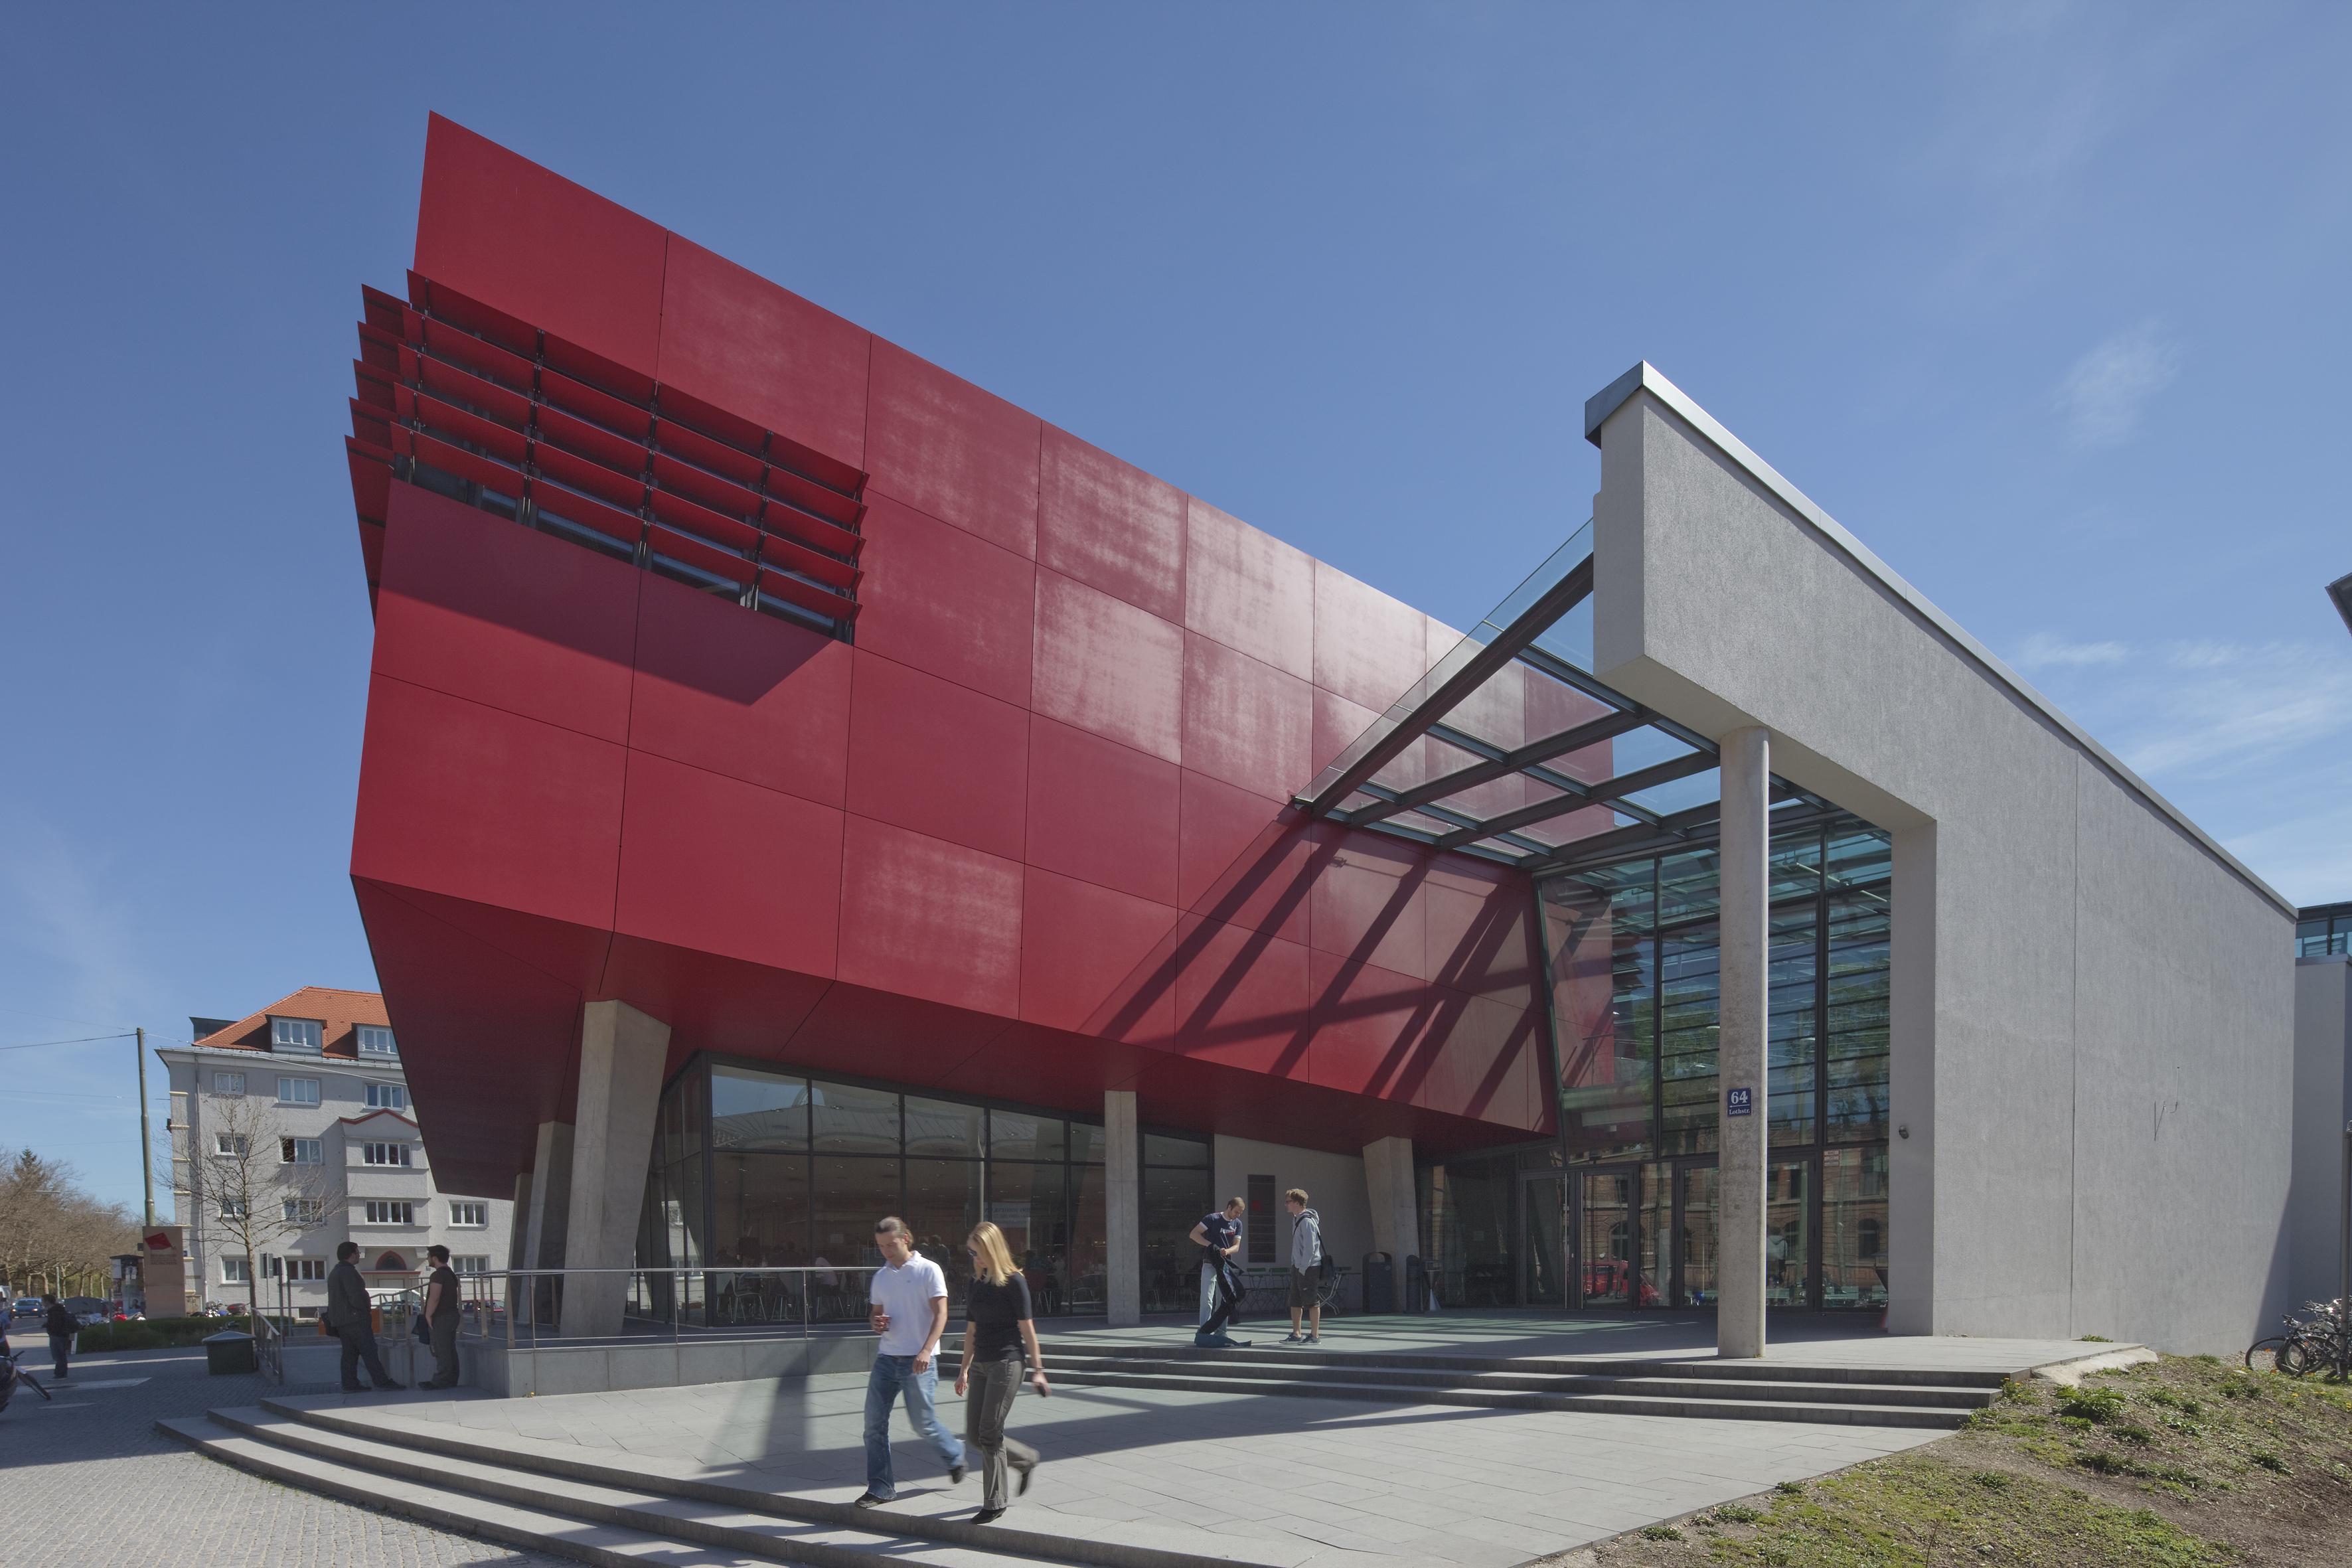 hochschule fr angewandte wissenschaften mnchen - Hochschule Mnchen Bewerbung